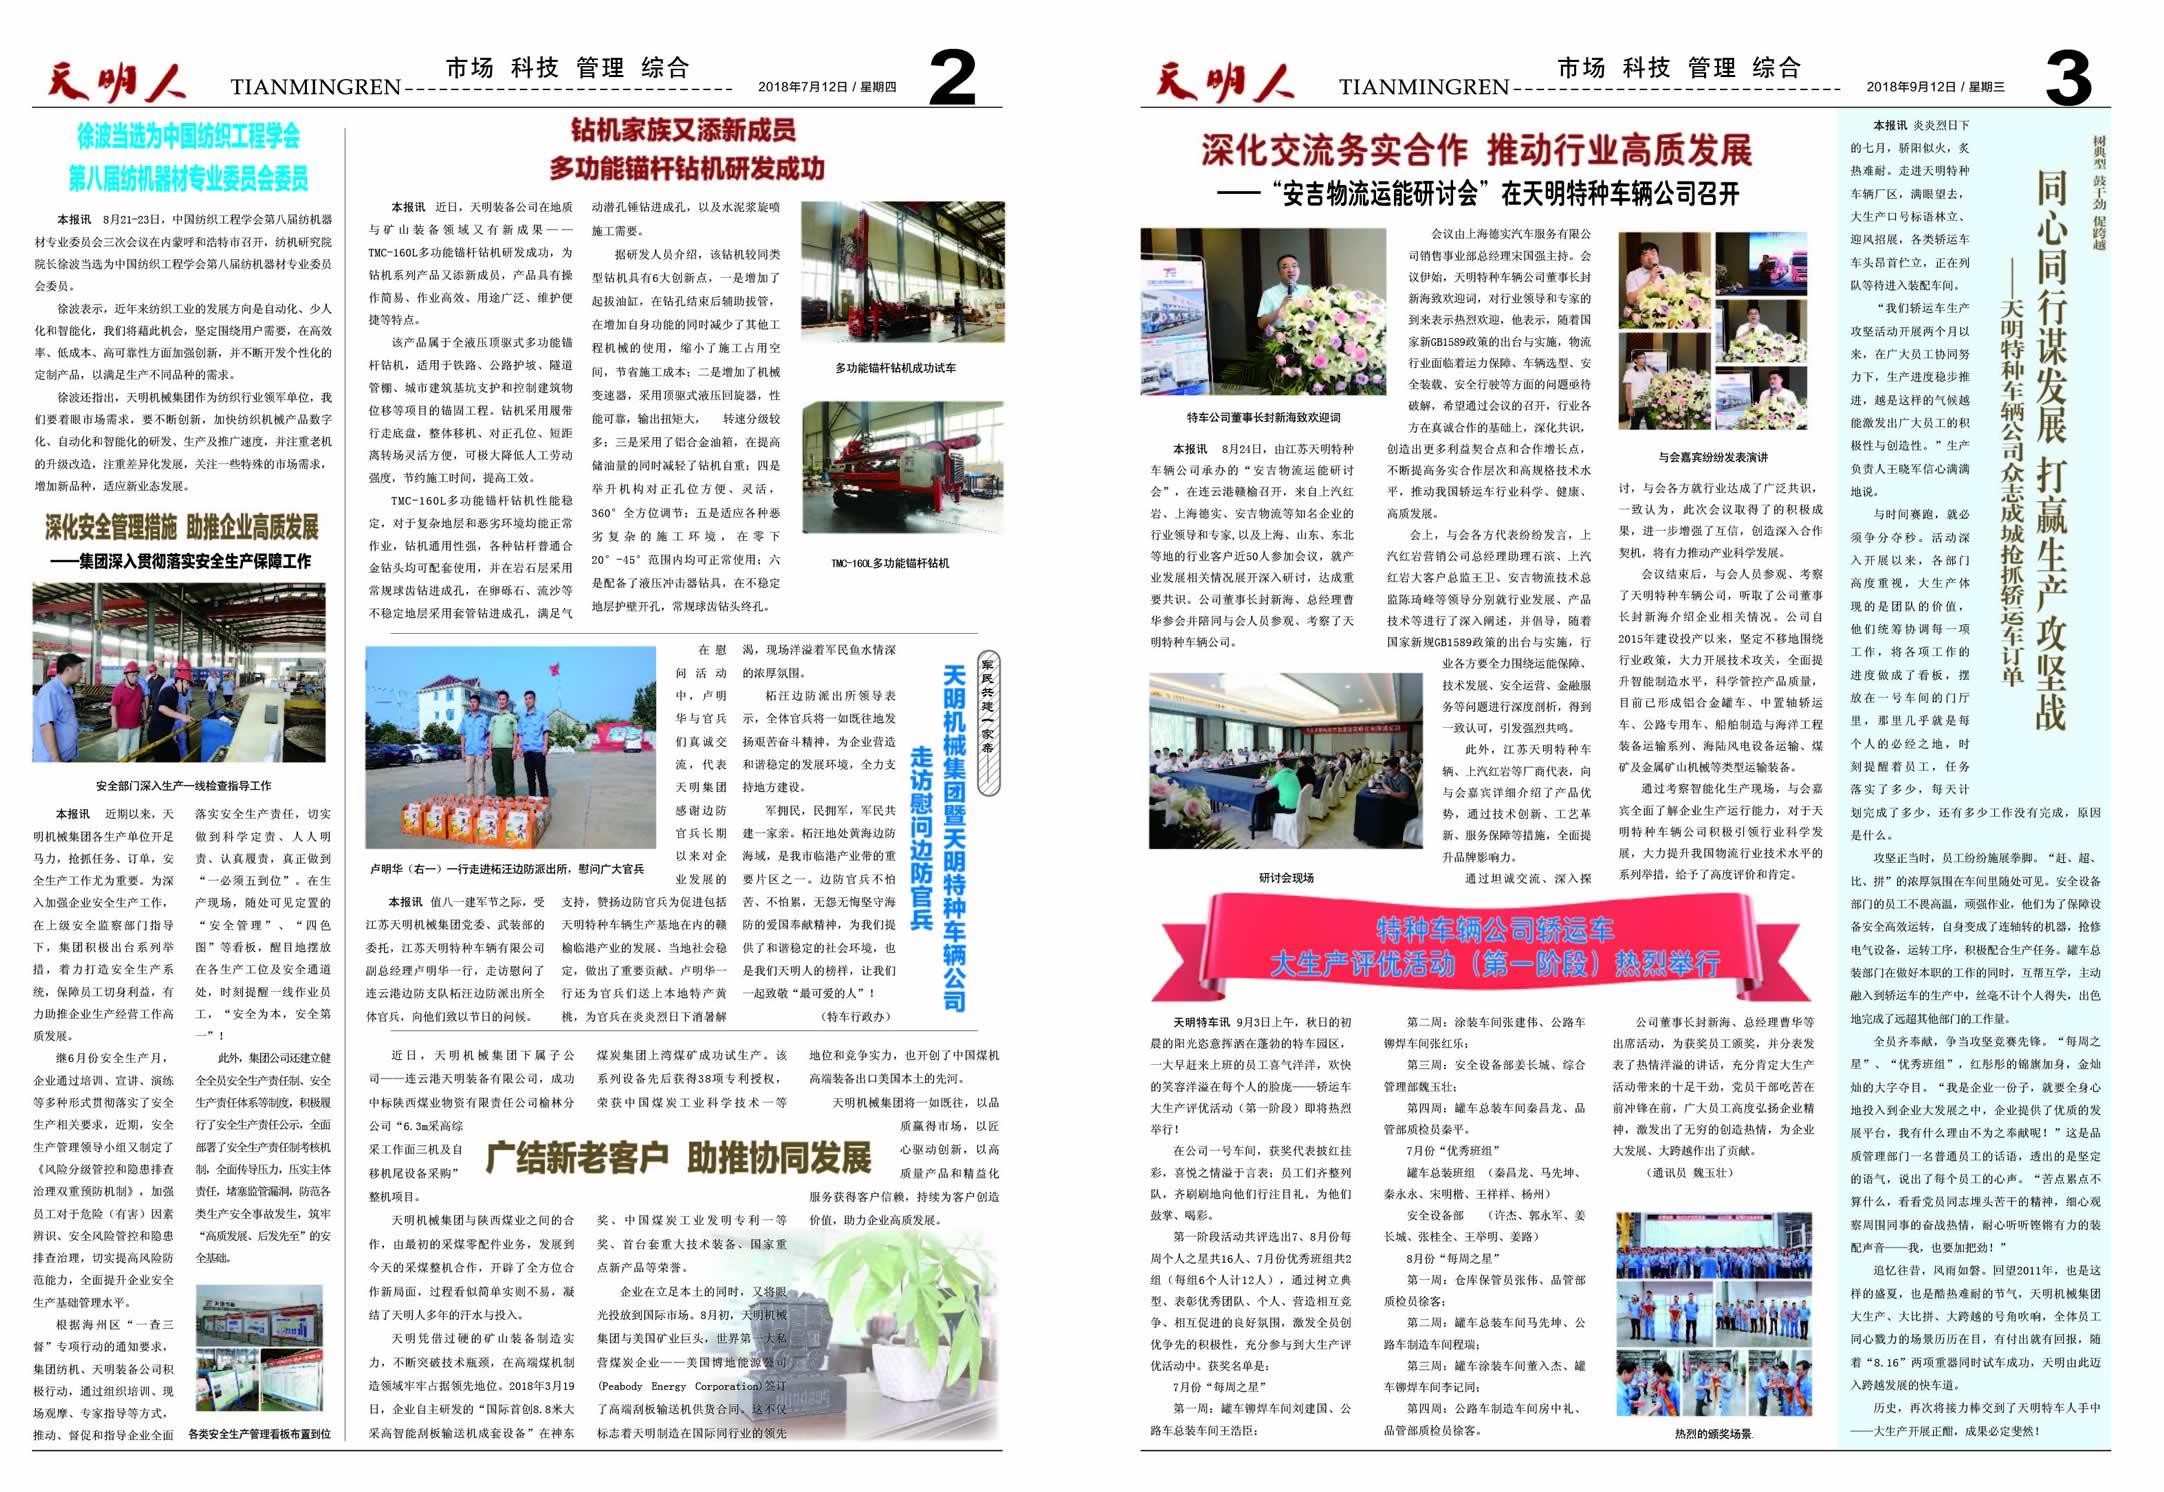 hg711皇冠国际_hg88皇冠国际平台_hg皇冠国际vip首页人2018年第五期(总第118期)2、3版